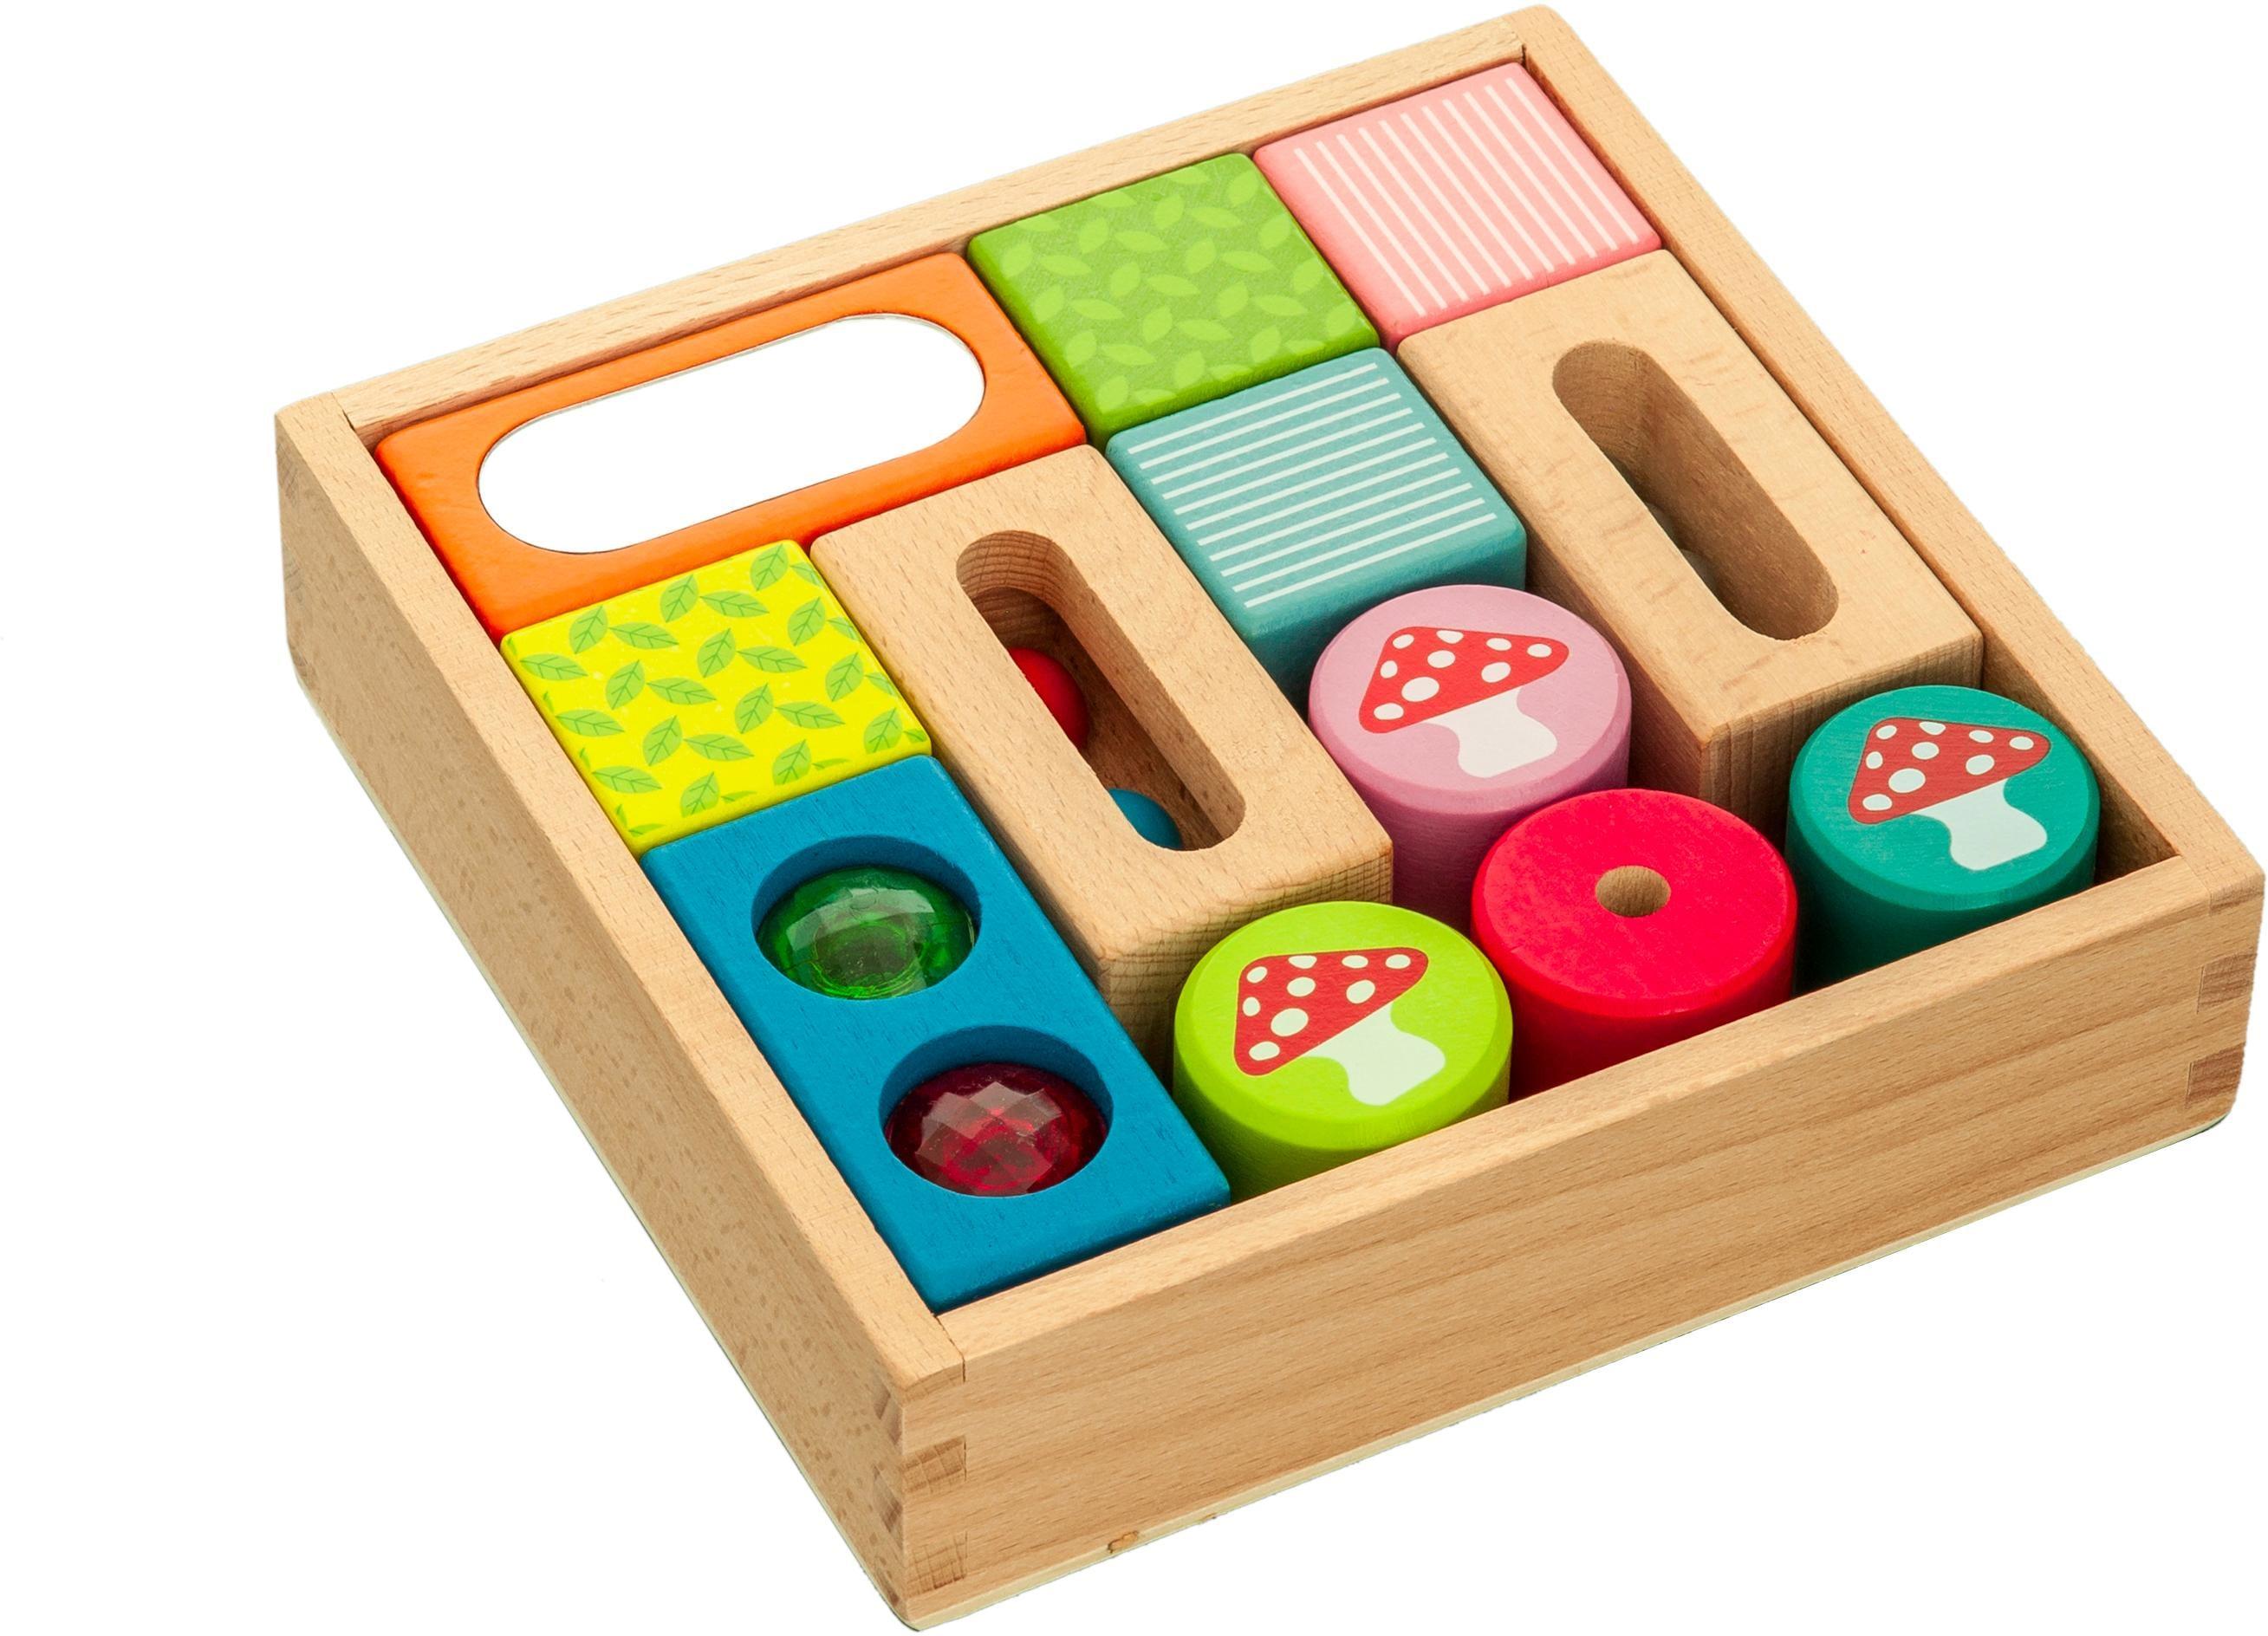 EverEarth Spielbausteine Entdecker-Bauklötze, Holz, (12-tlg.) bunt Kinder Ab 12 Monaten Altersempfehlung